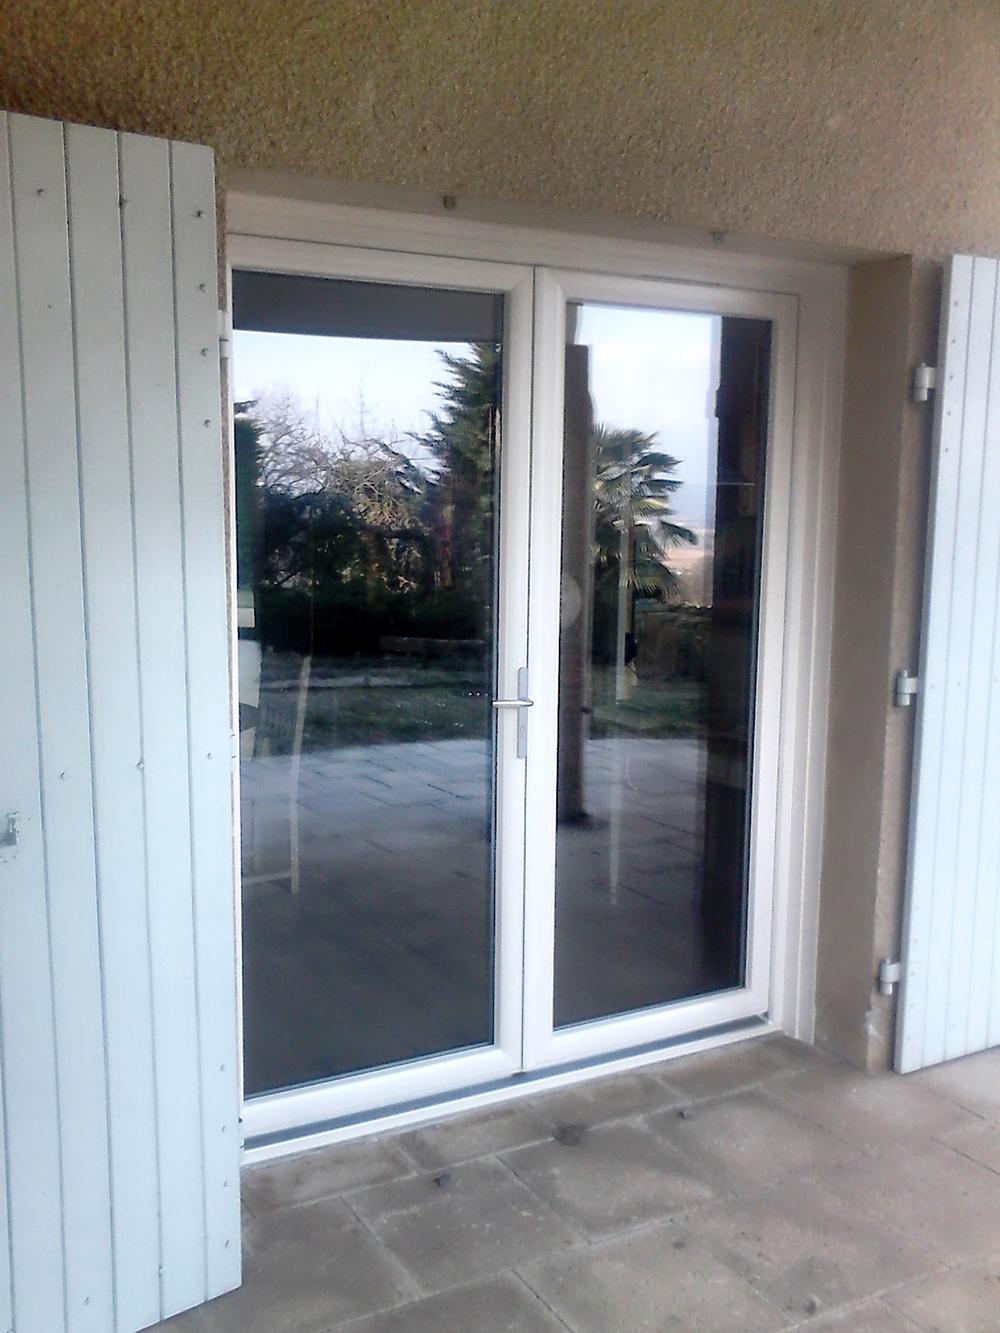 Menuiseries 26 Vizier - Portes fenêtres